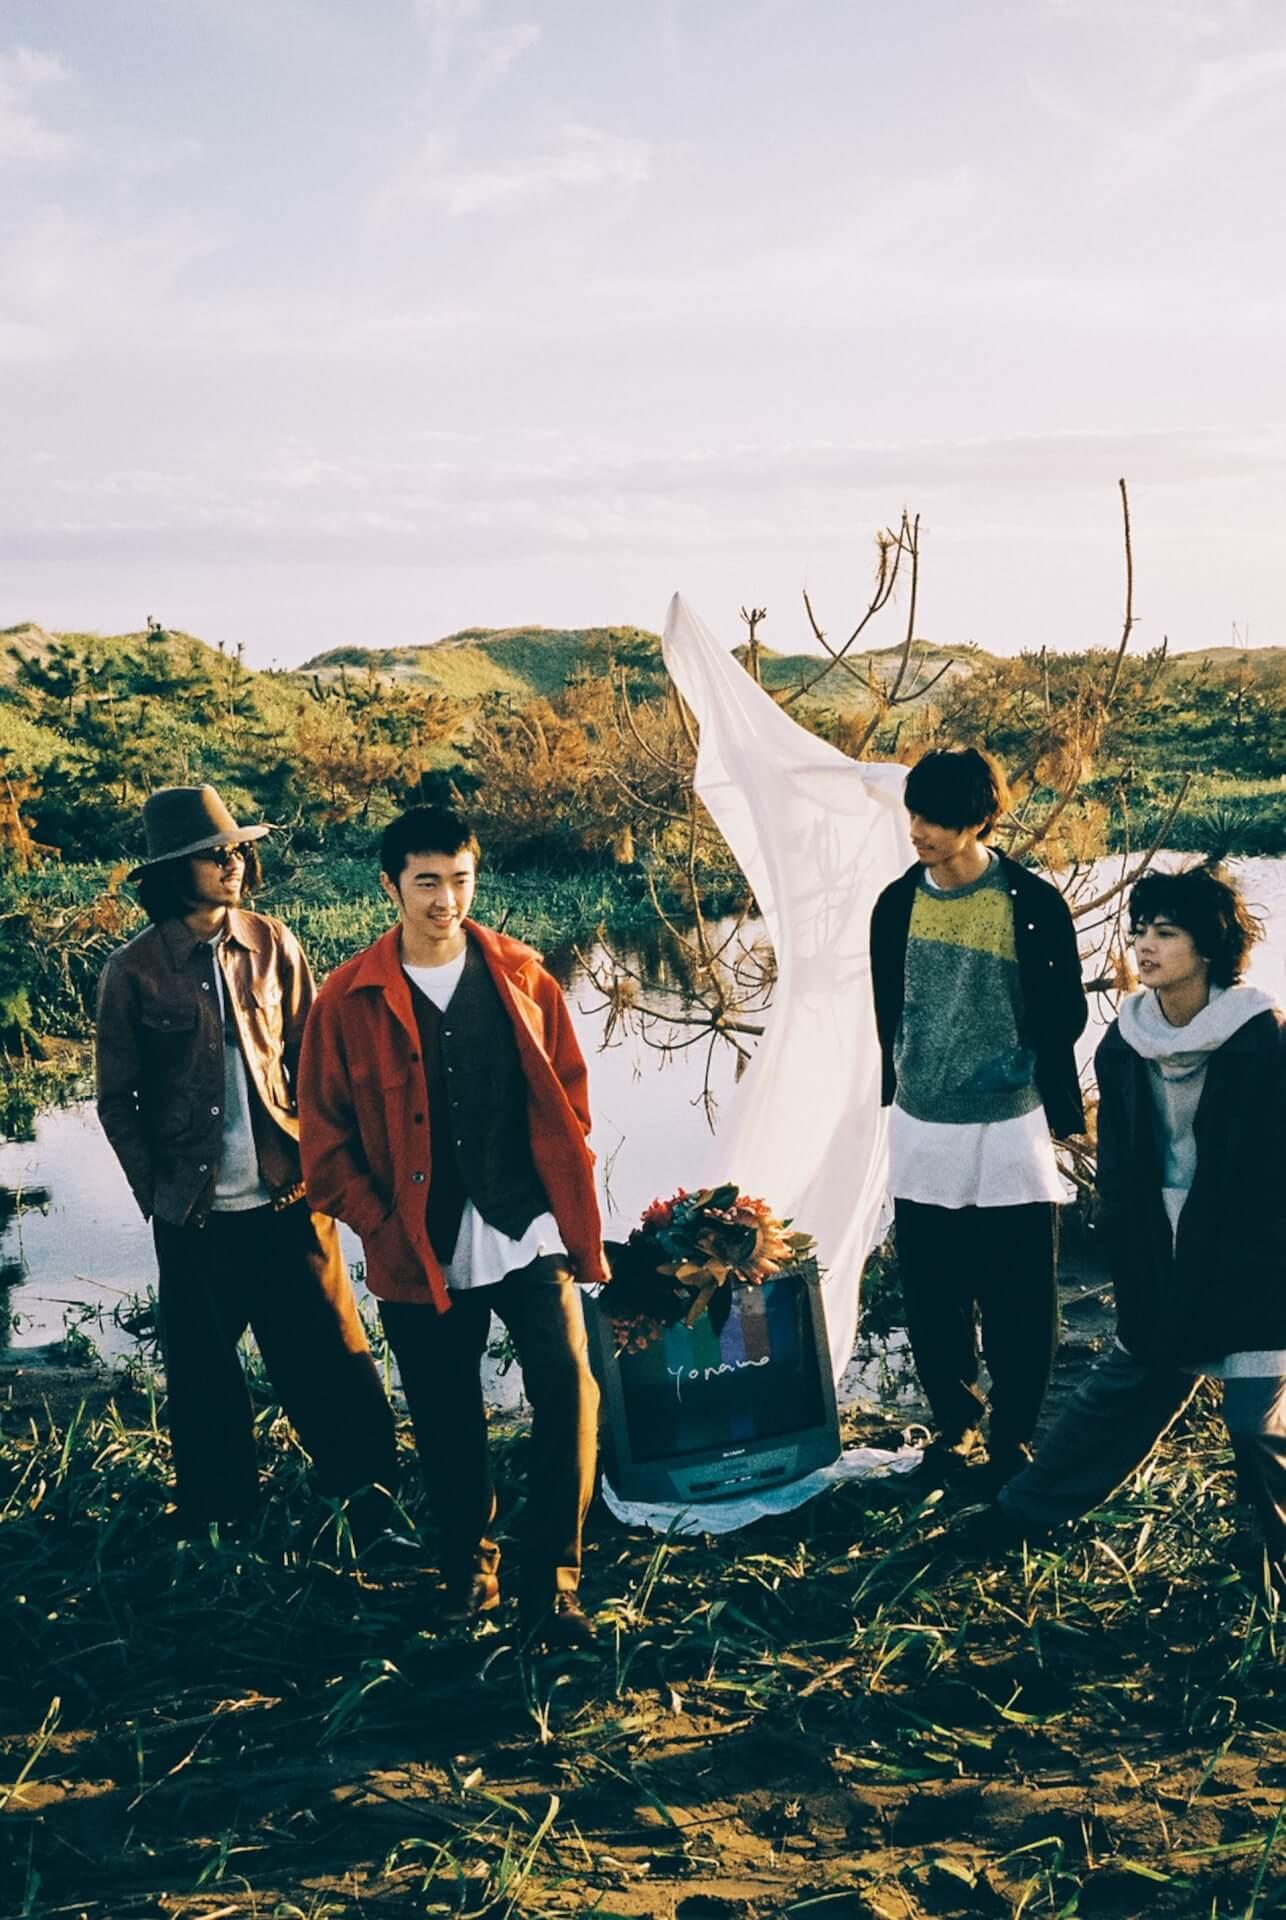 変化し続ける街・福岡でyonawoの音楽性が愛される理由とは column201127_yonawo_04